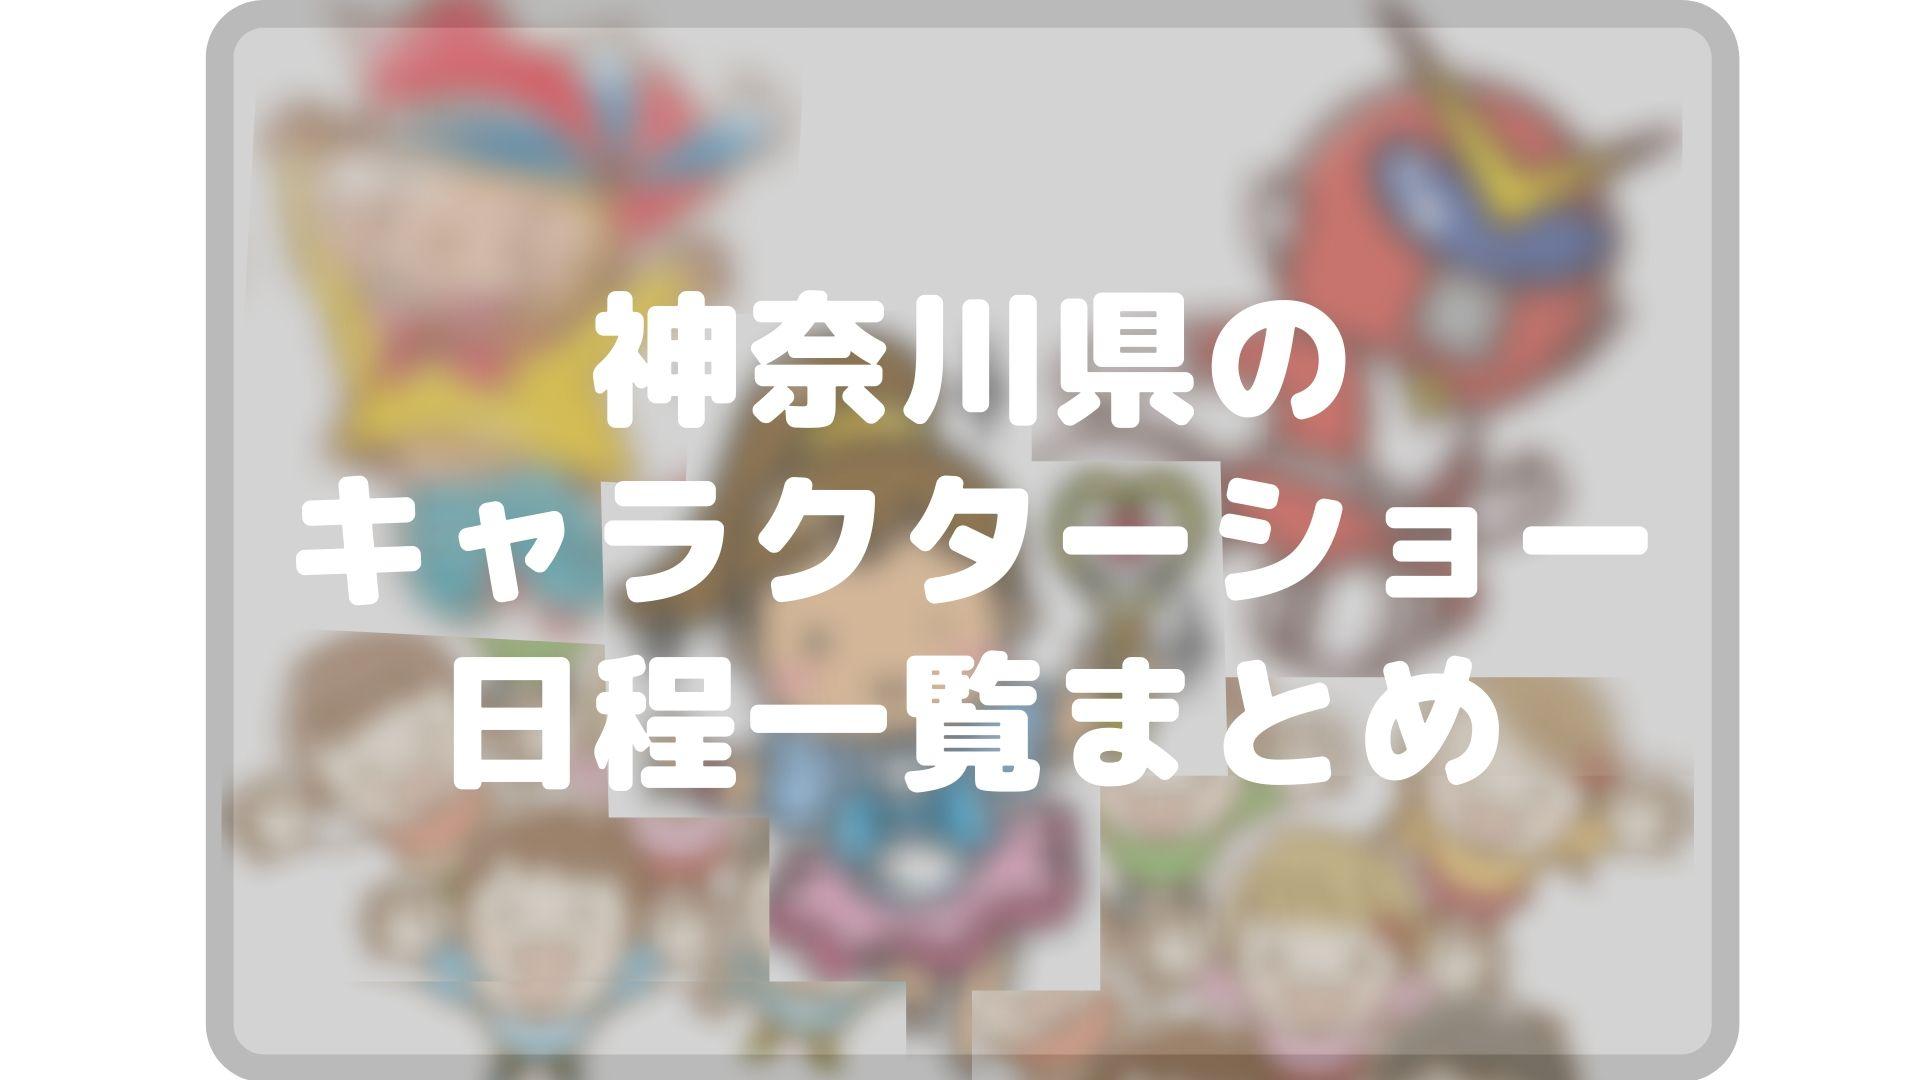 神奈川県のキャラクターショーまとめタイトル画像